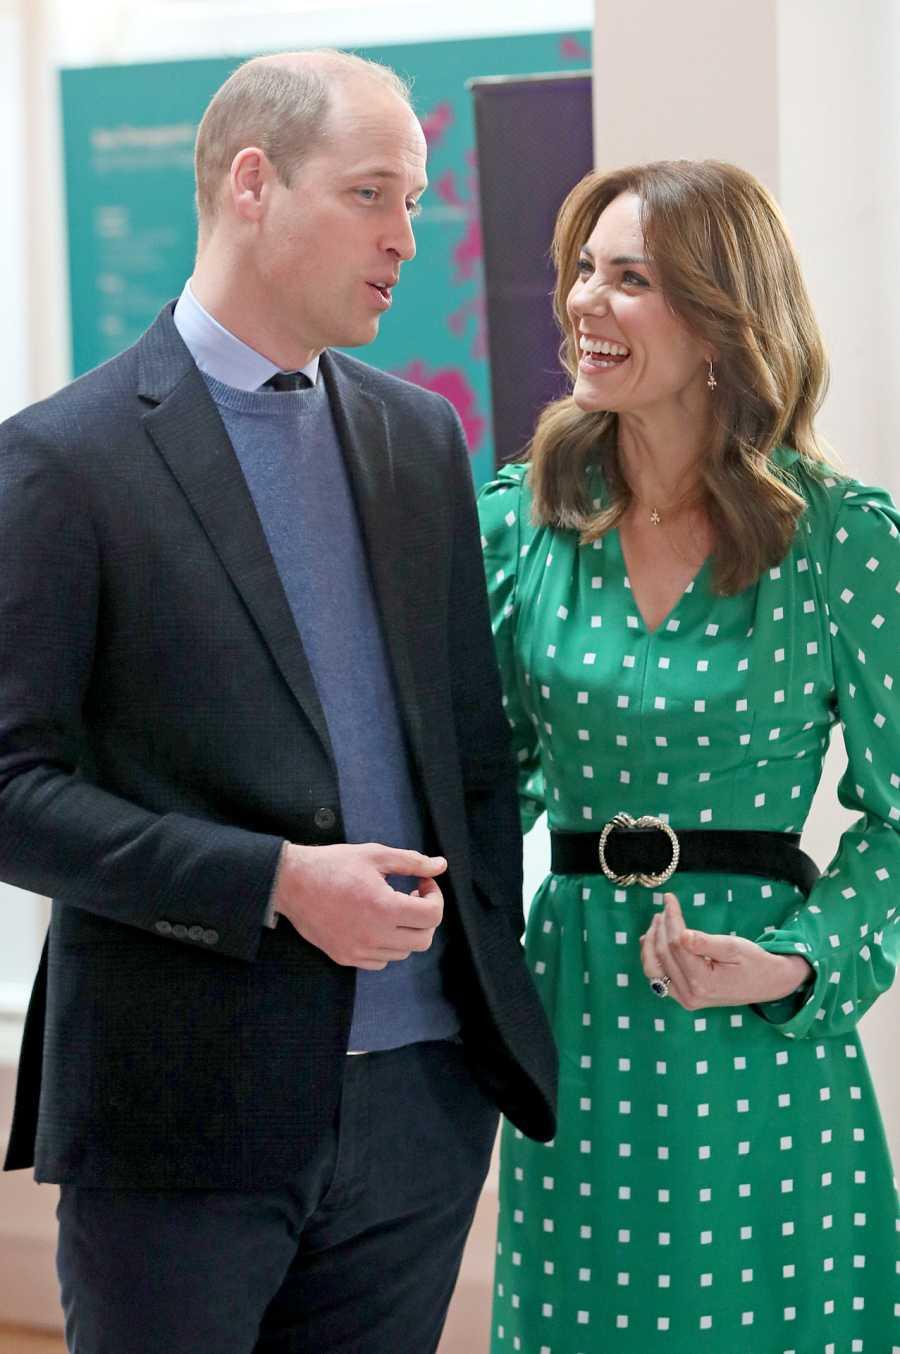 Los Duques de Cambridge se ríen durante su visita oficial a Irlanda